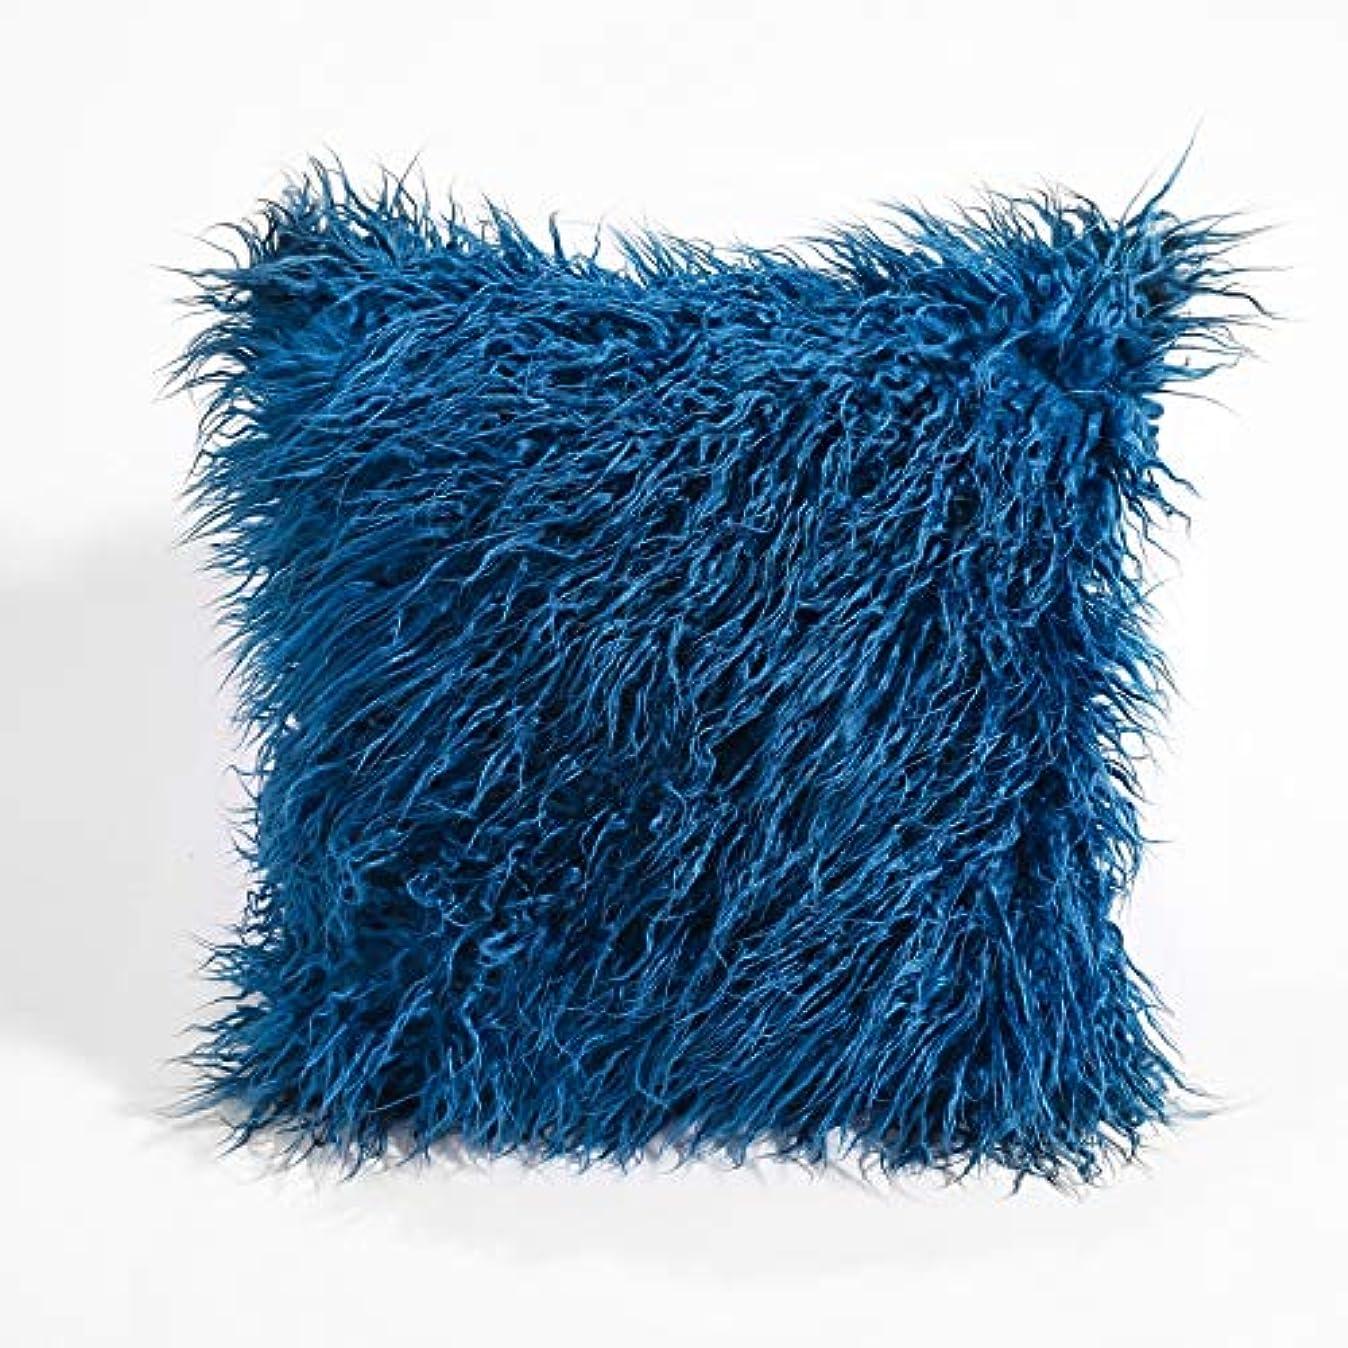 カウンターパートスマート句LVESHOP 装飾的な新しい高級シリーズメリノスタイルブラックフェイクファースローピローケースクッションカバー(5パック) (色 : 青, Size : 5 pack)